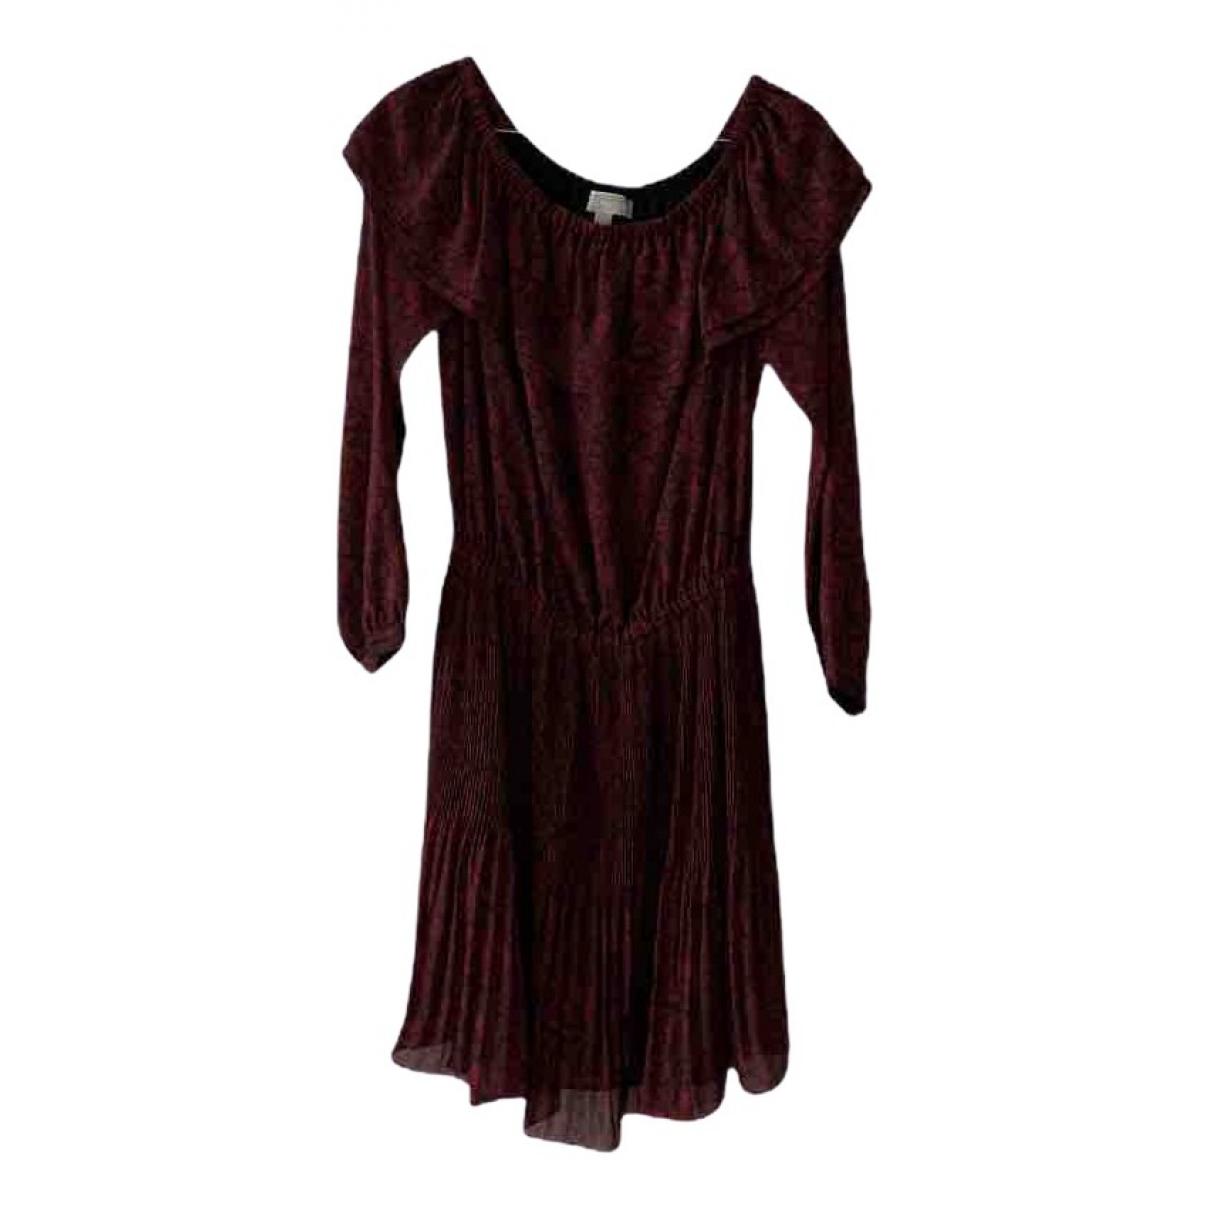 Michael Kors \N Kleid in  Bordeauxrot Polyester